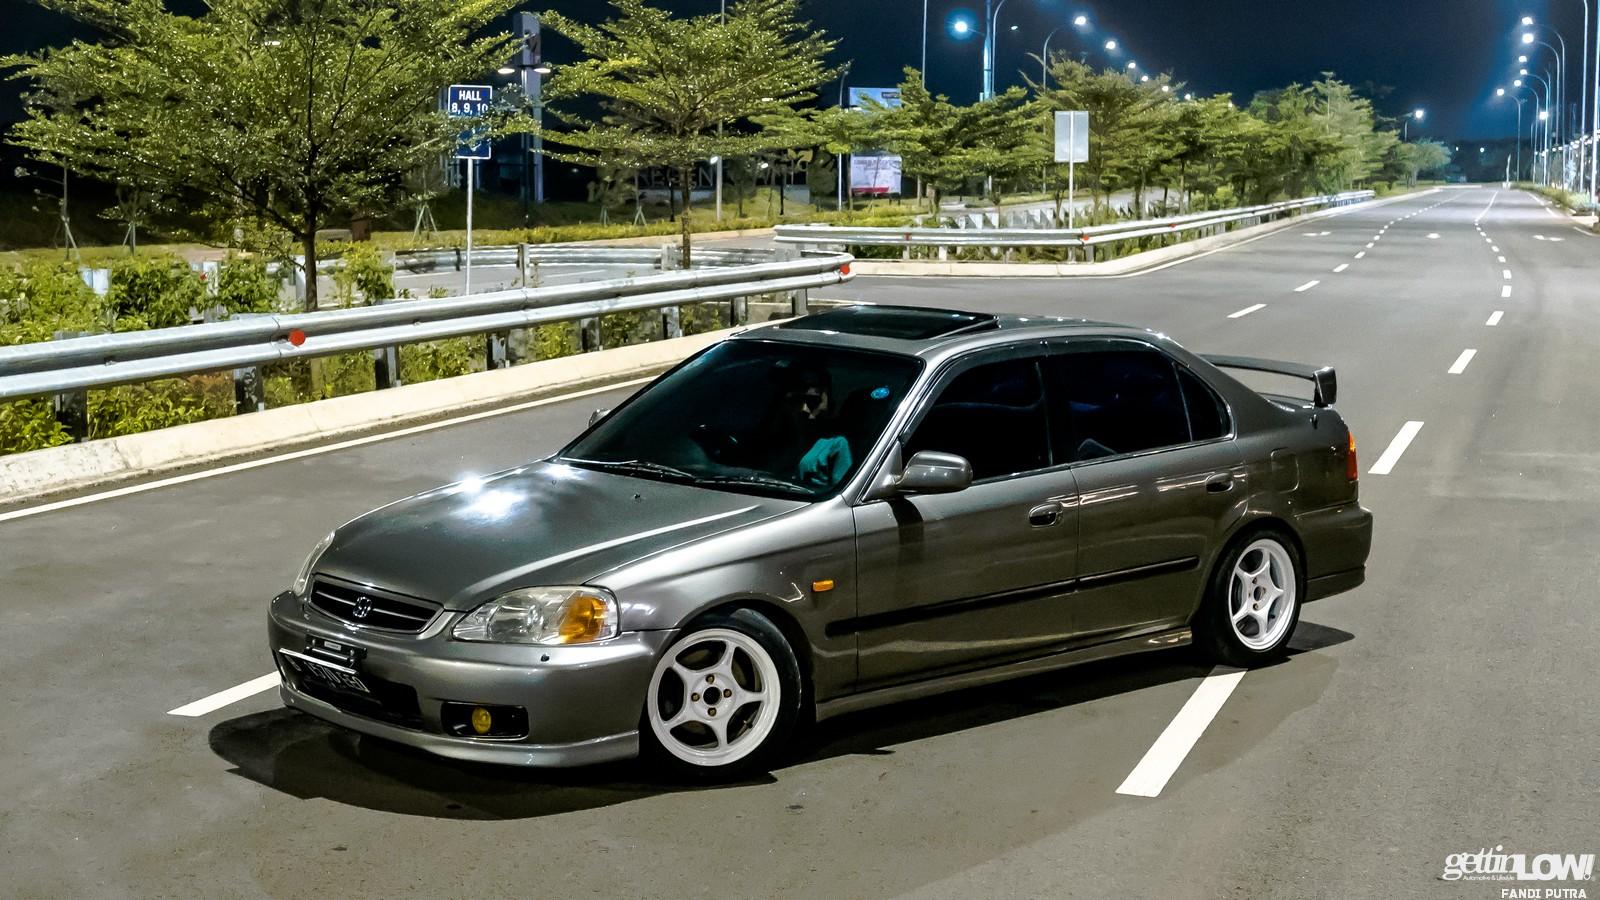 Bovi Leo 2000 Honda Civic Ferio